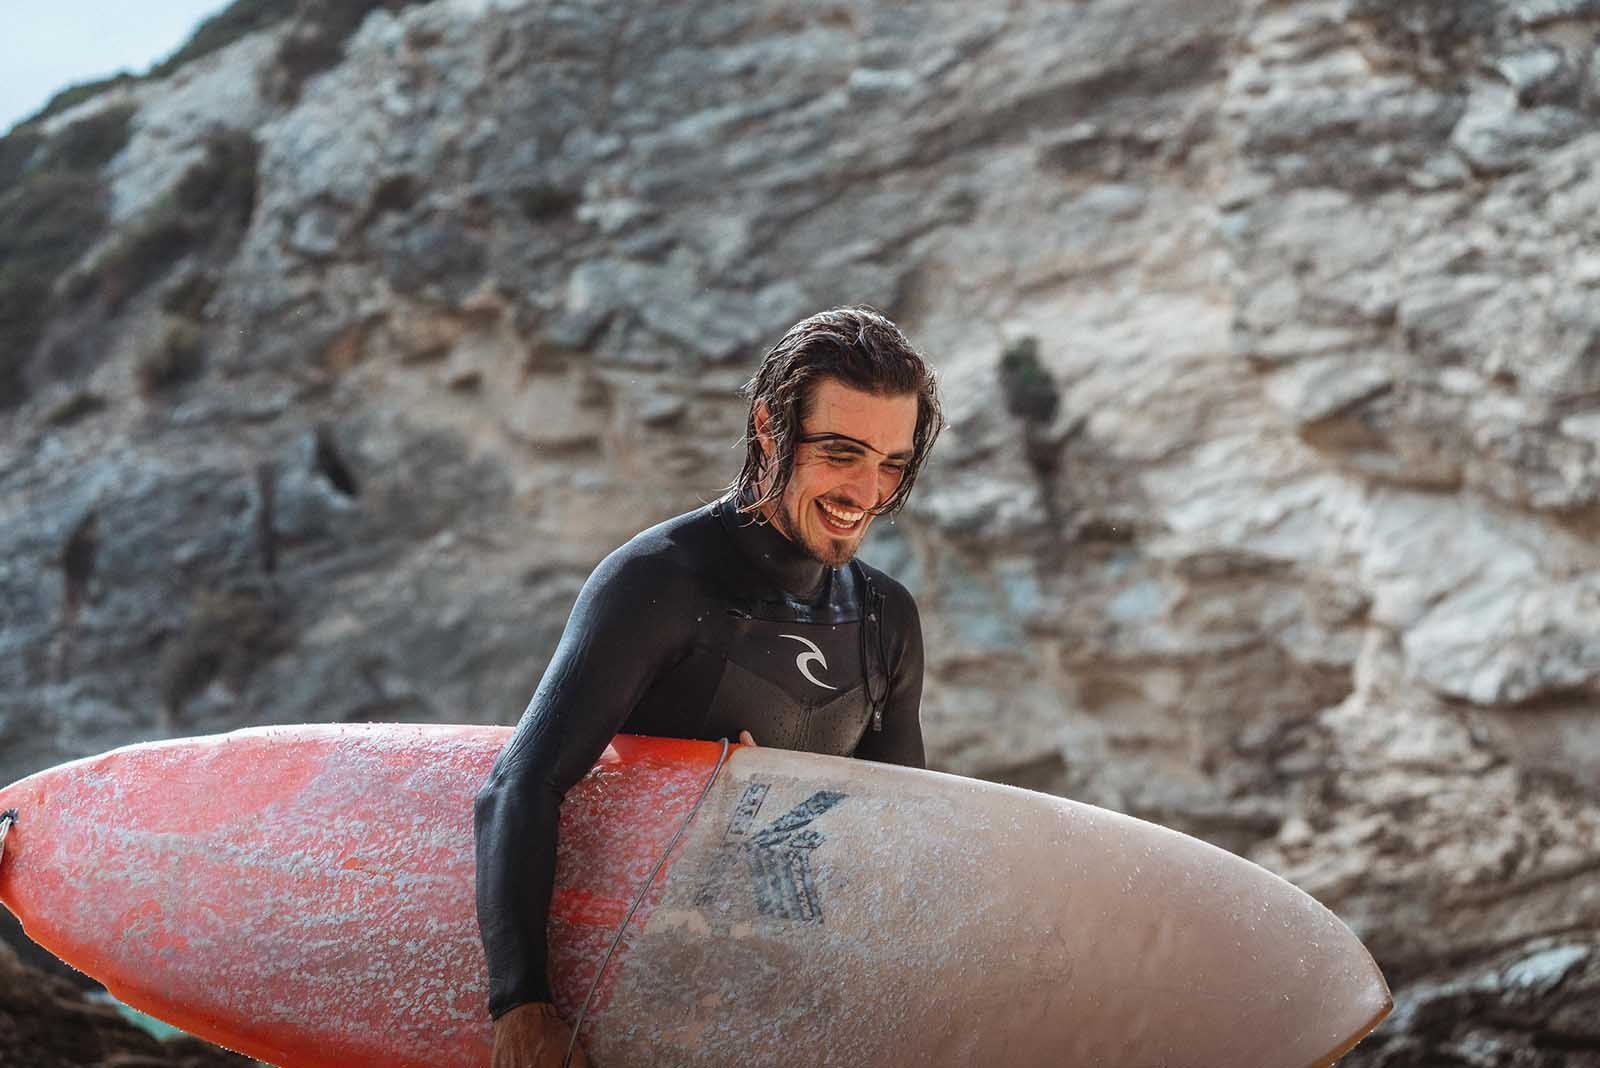 Surfeur portant une combinaison, une planche de surf à la main.